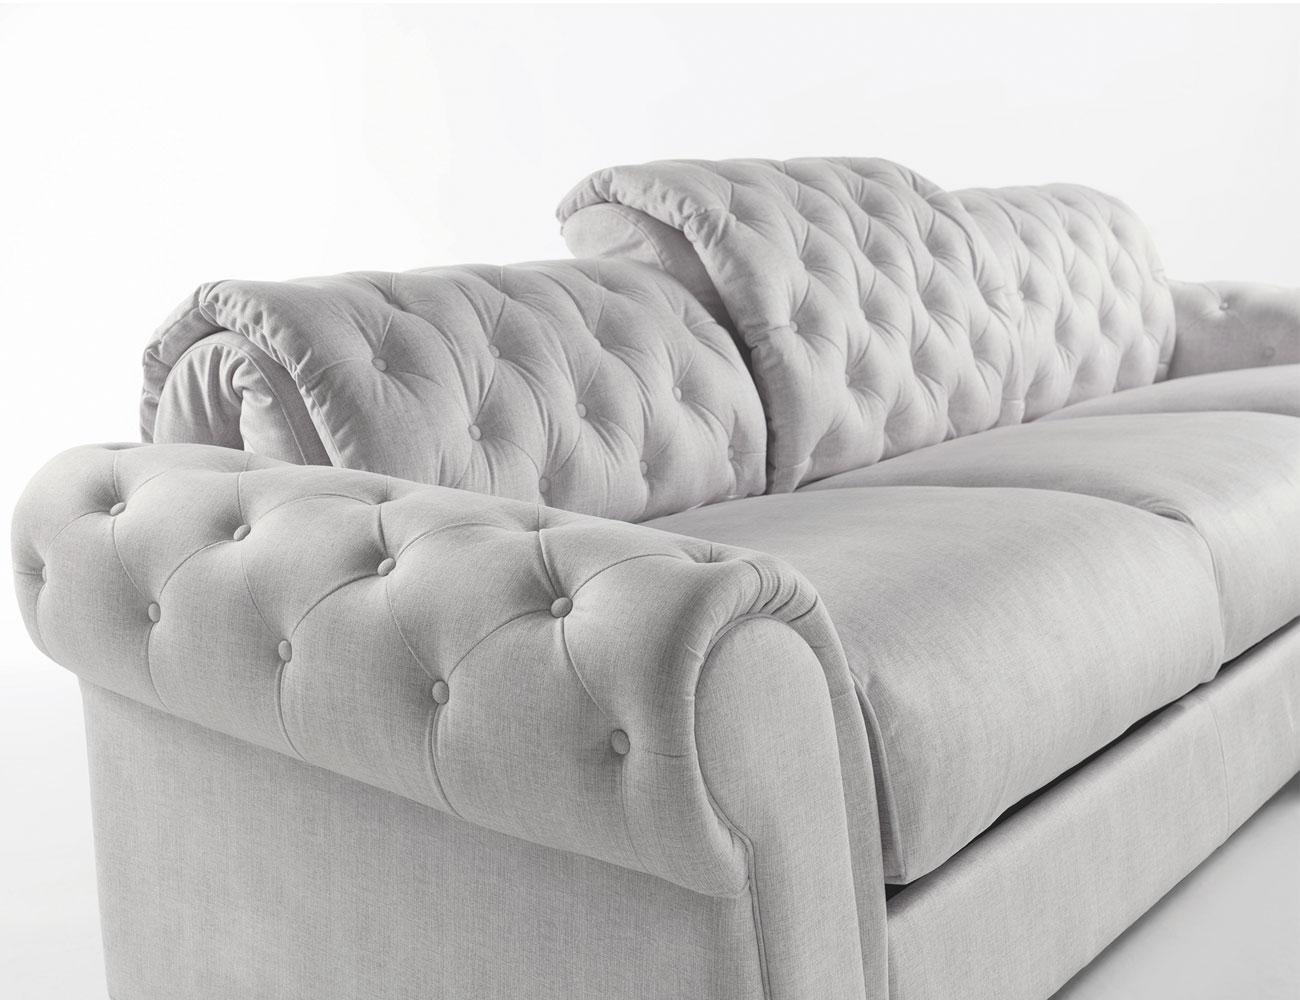 Sofa chaiselongue gran lujo decorativo capitone blanco tela 137